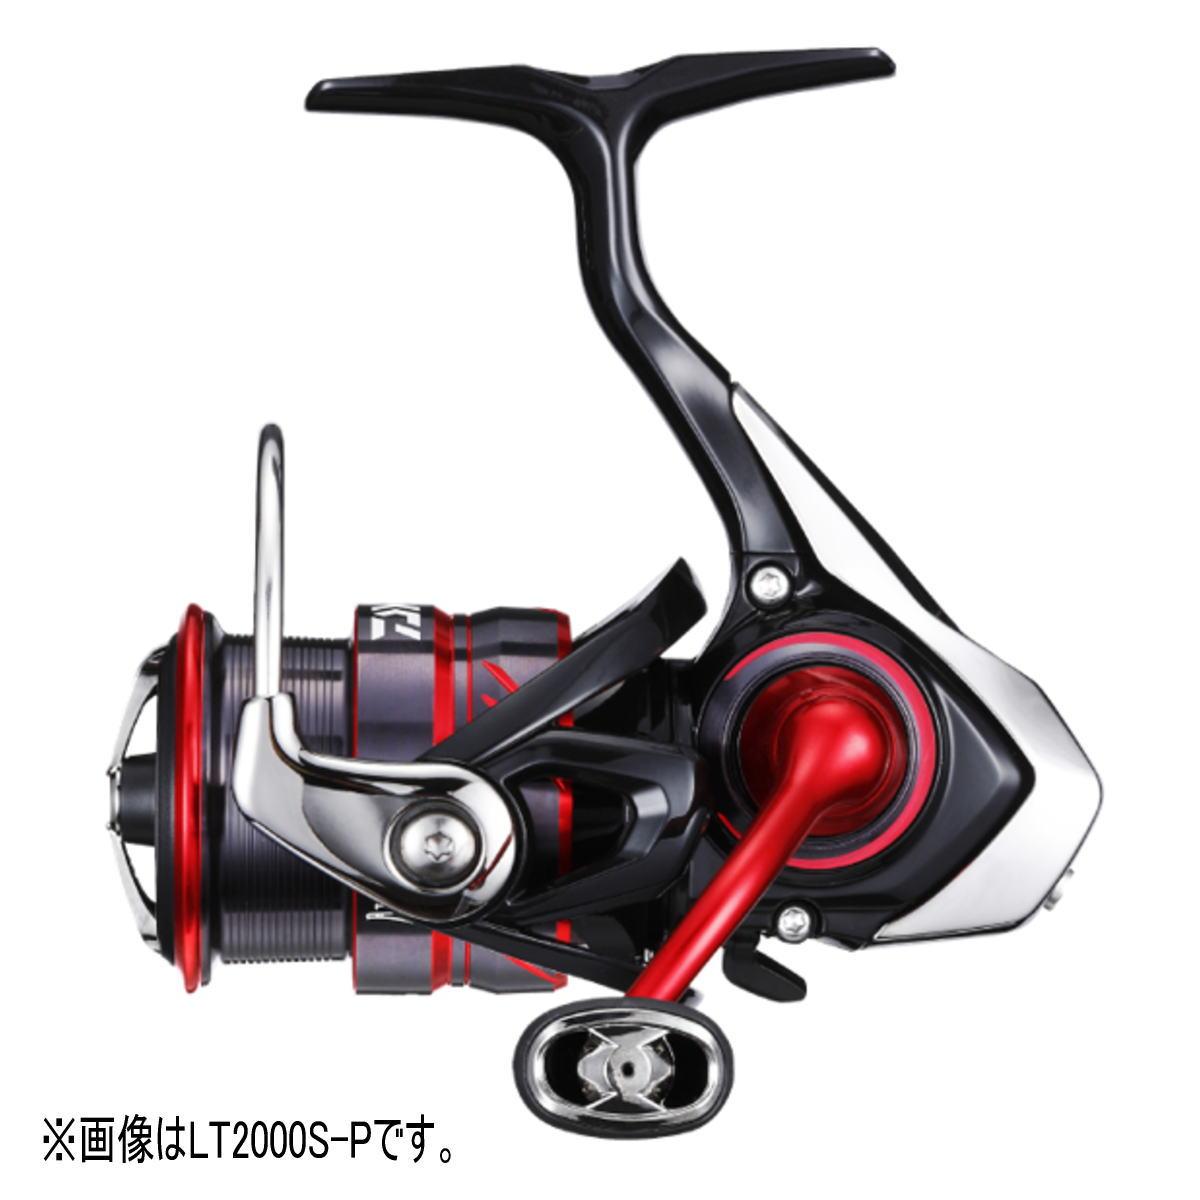 【送料無料4】ダイワ 18 月下美人 MX LT1000S-P